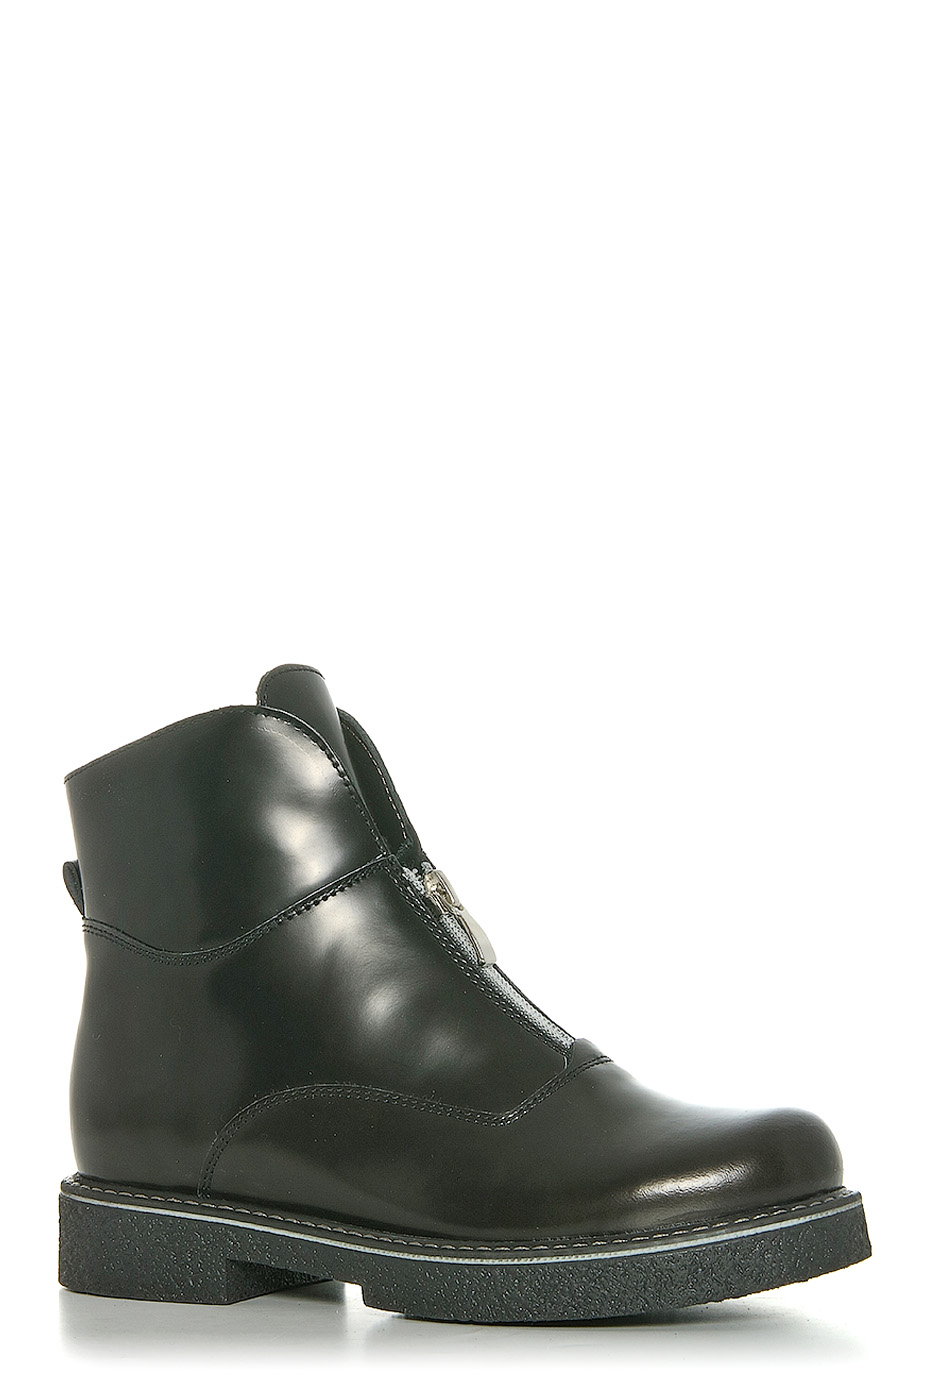 Ботинки ЛЕЛЬ м4-1200/Черный